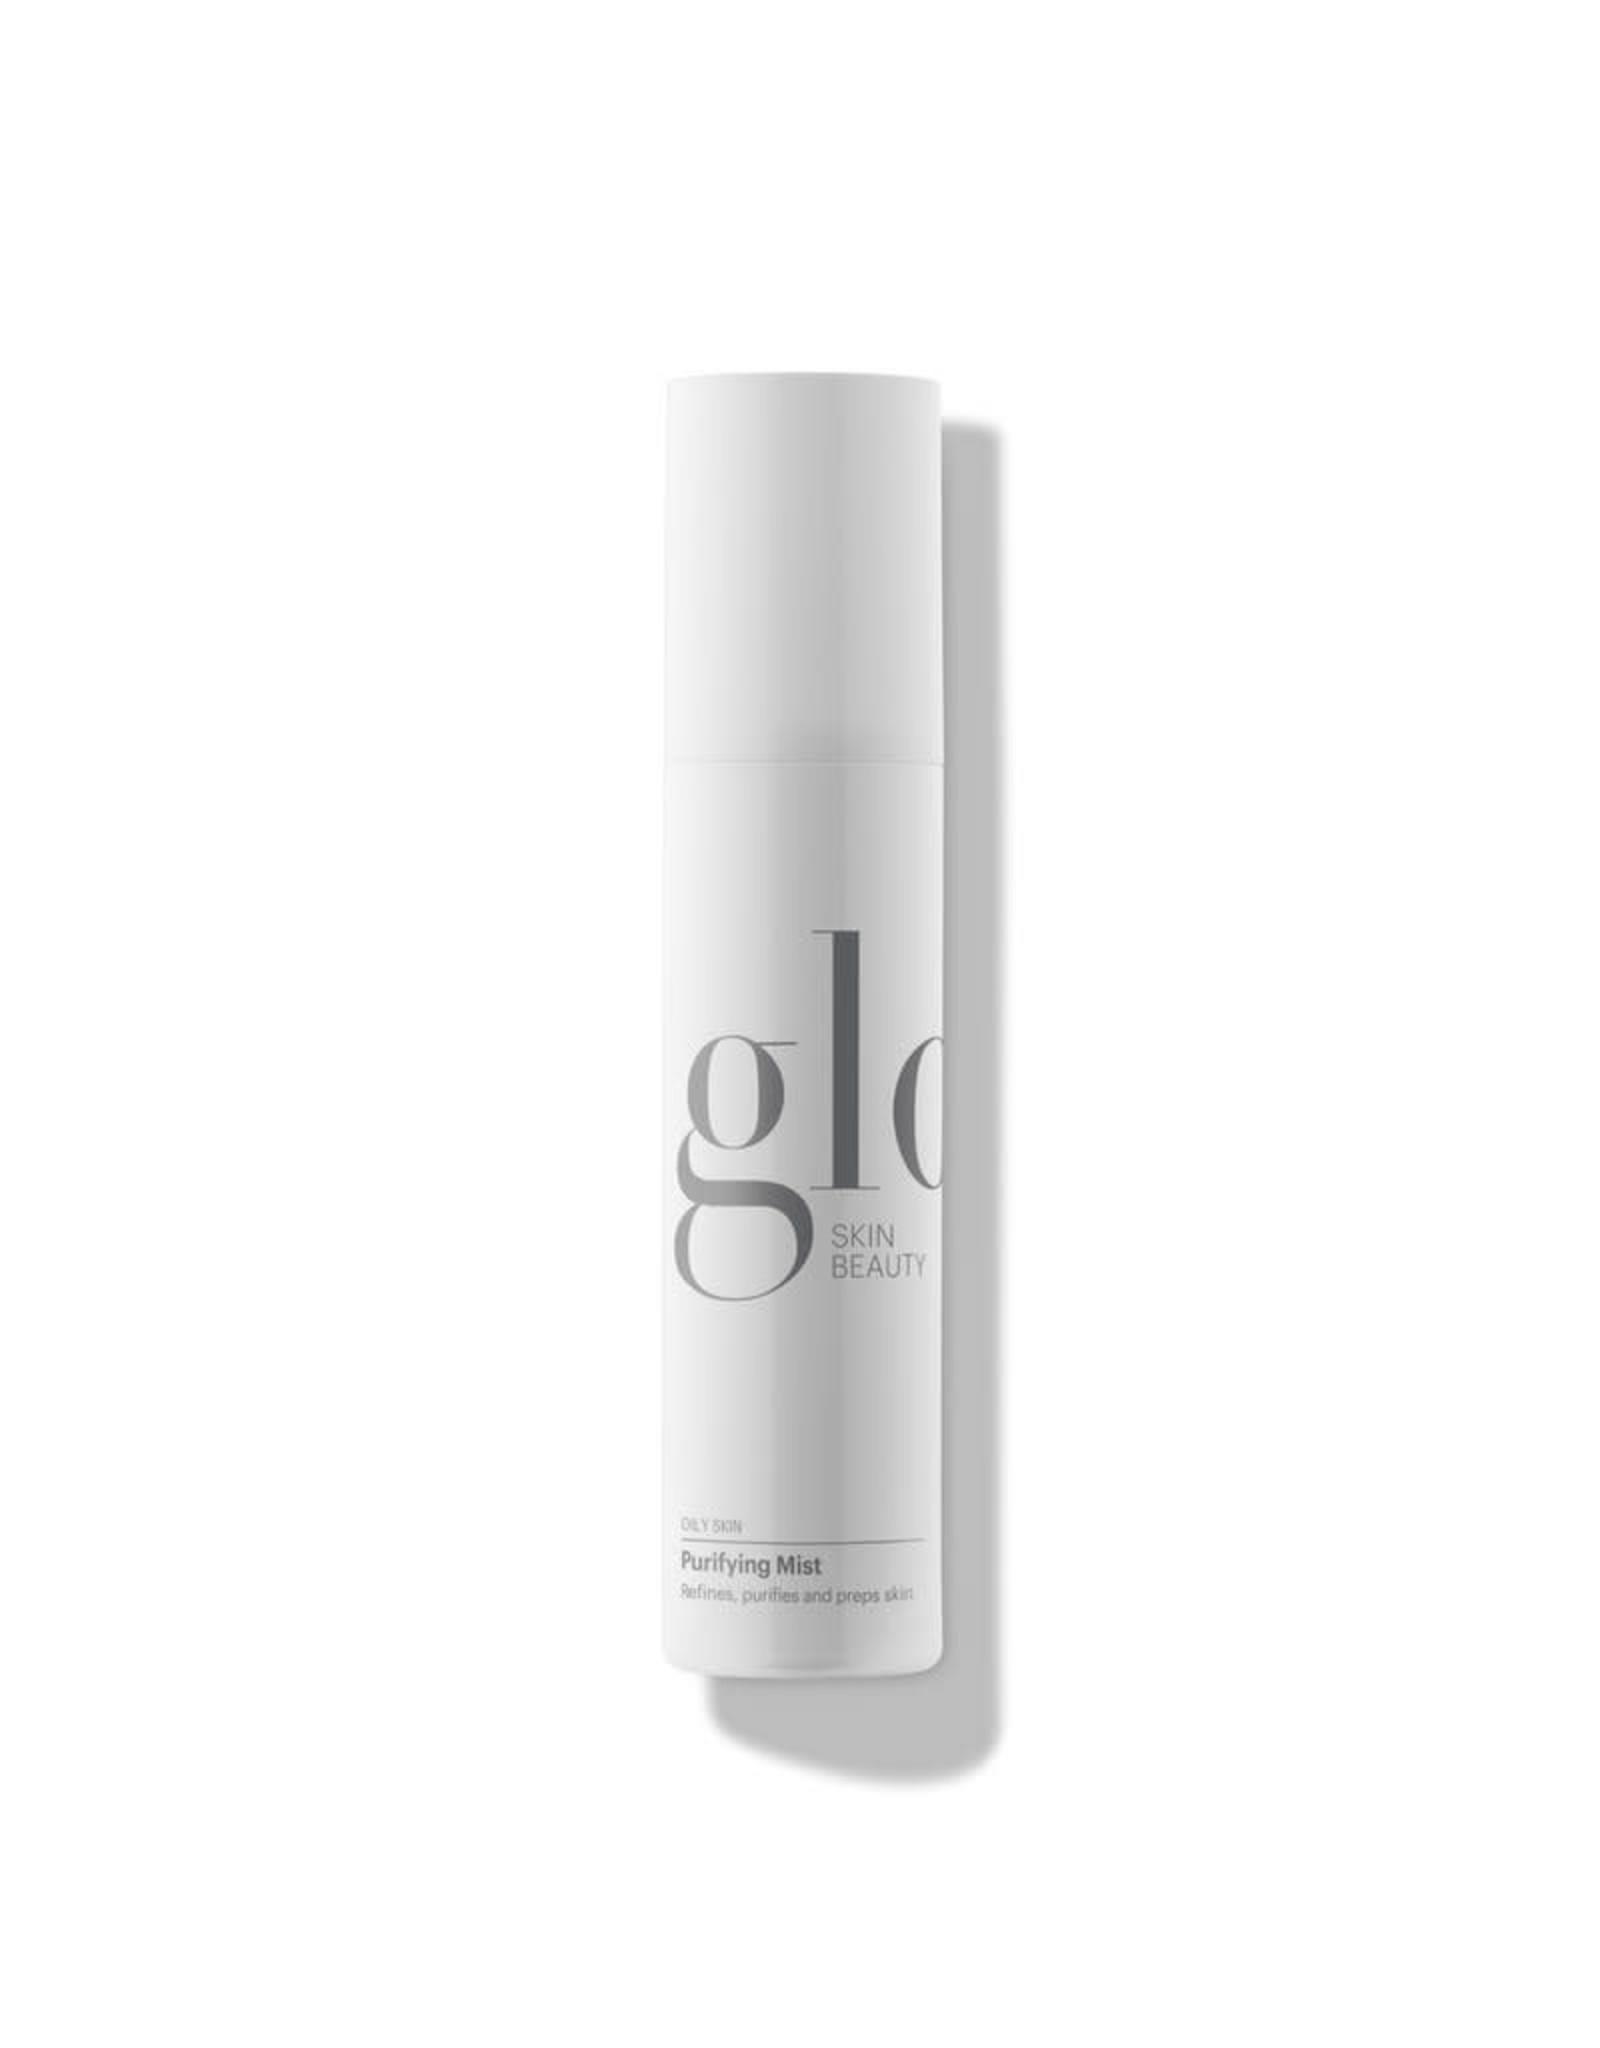 Glo Skin Beauty Purifying Mist